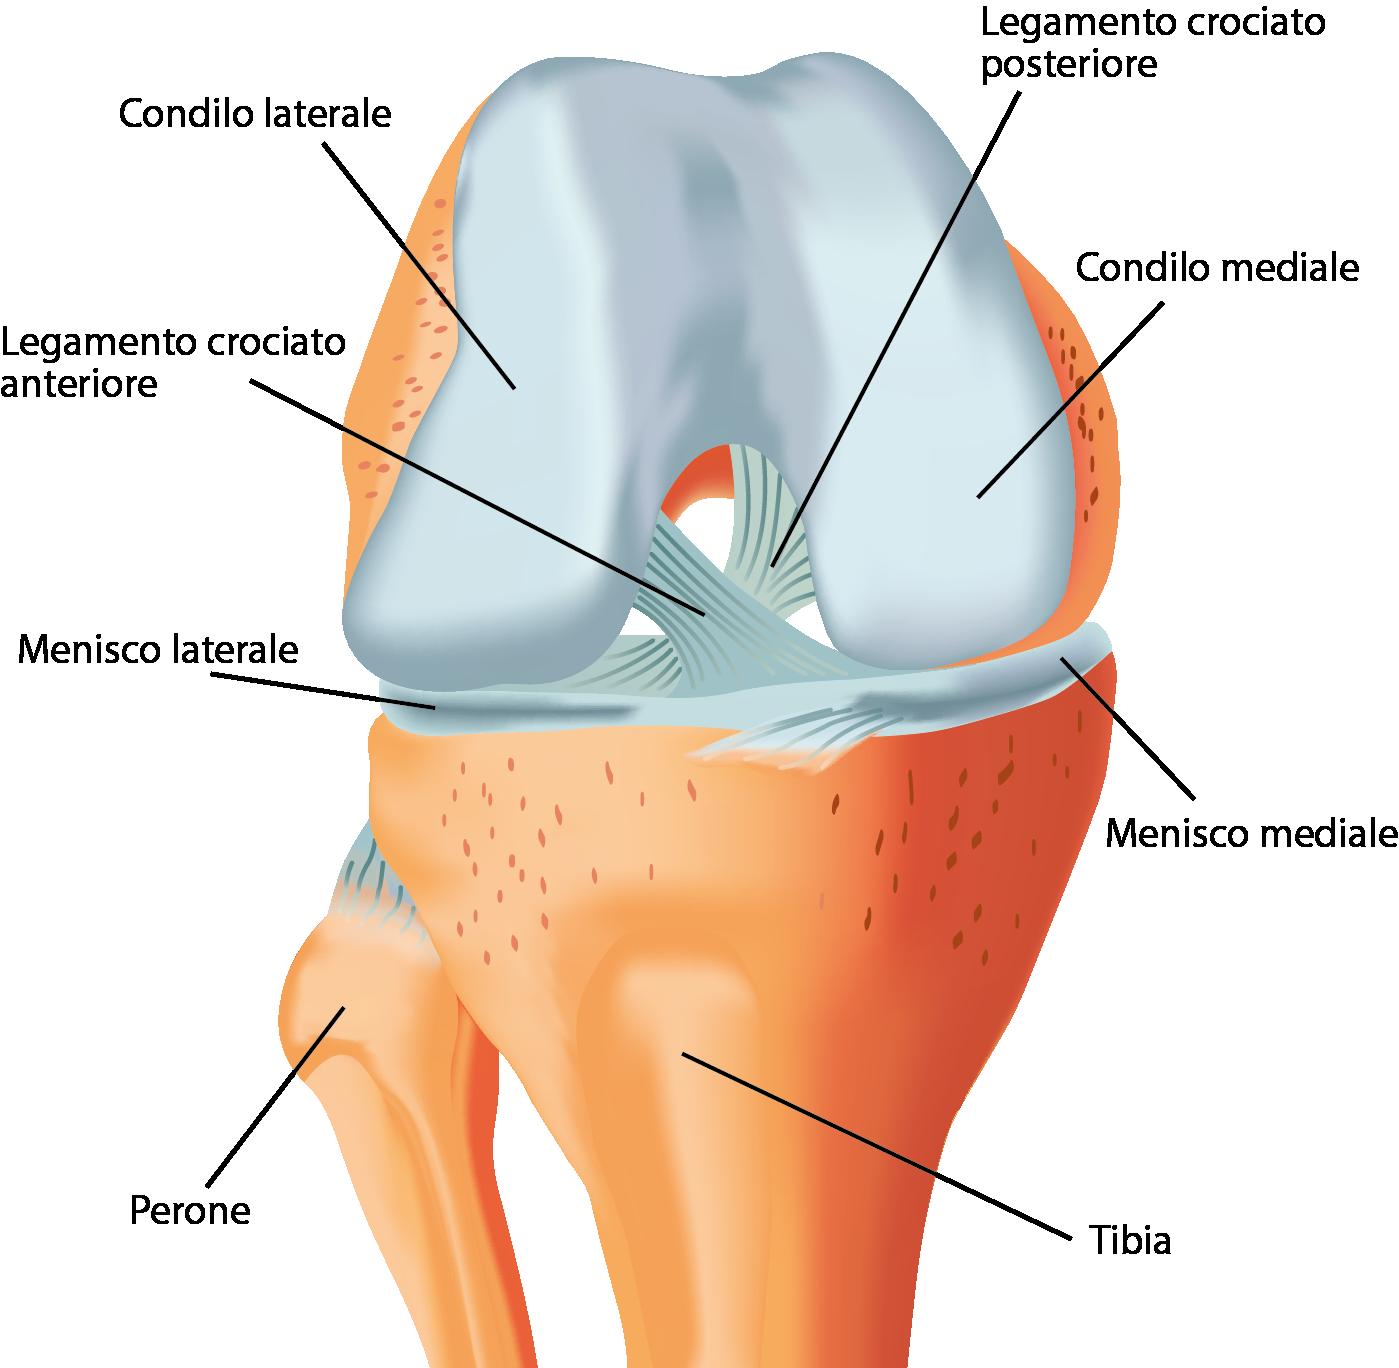 Come riconoscere l'osteoartrosi